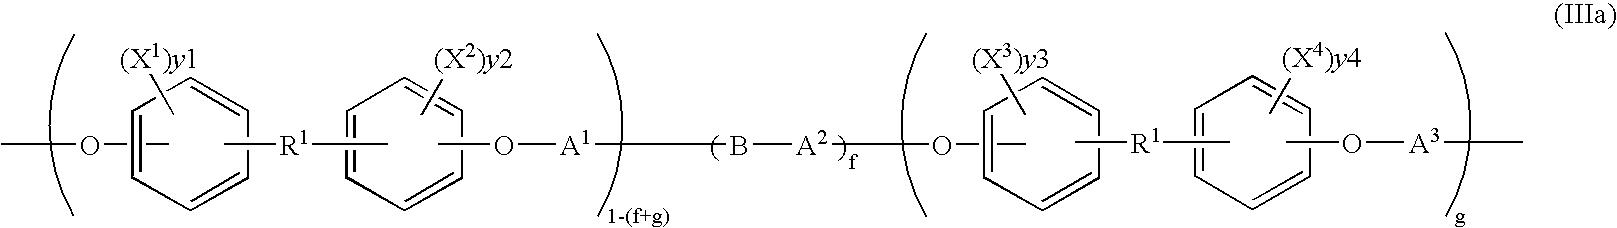 Figure US20080112999A1-20080515-C00029